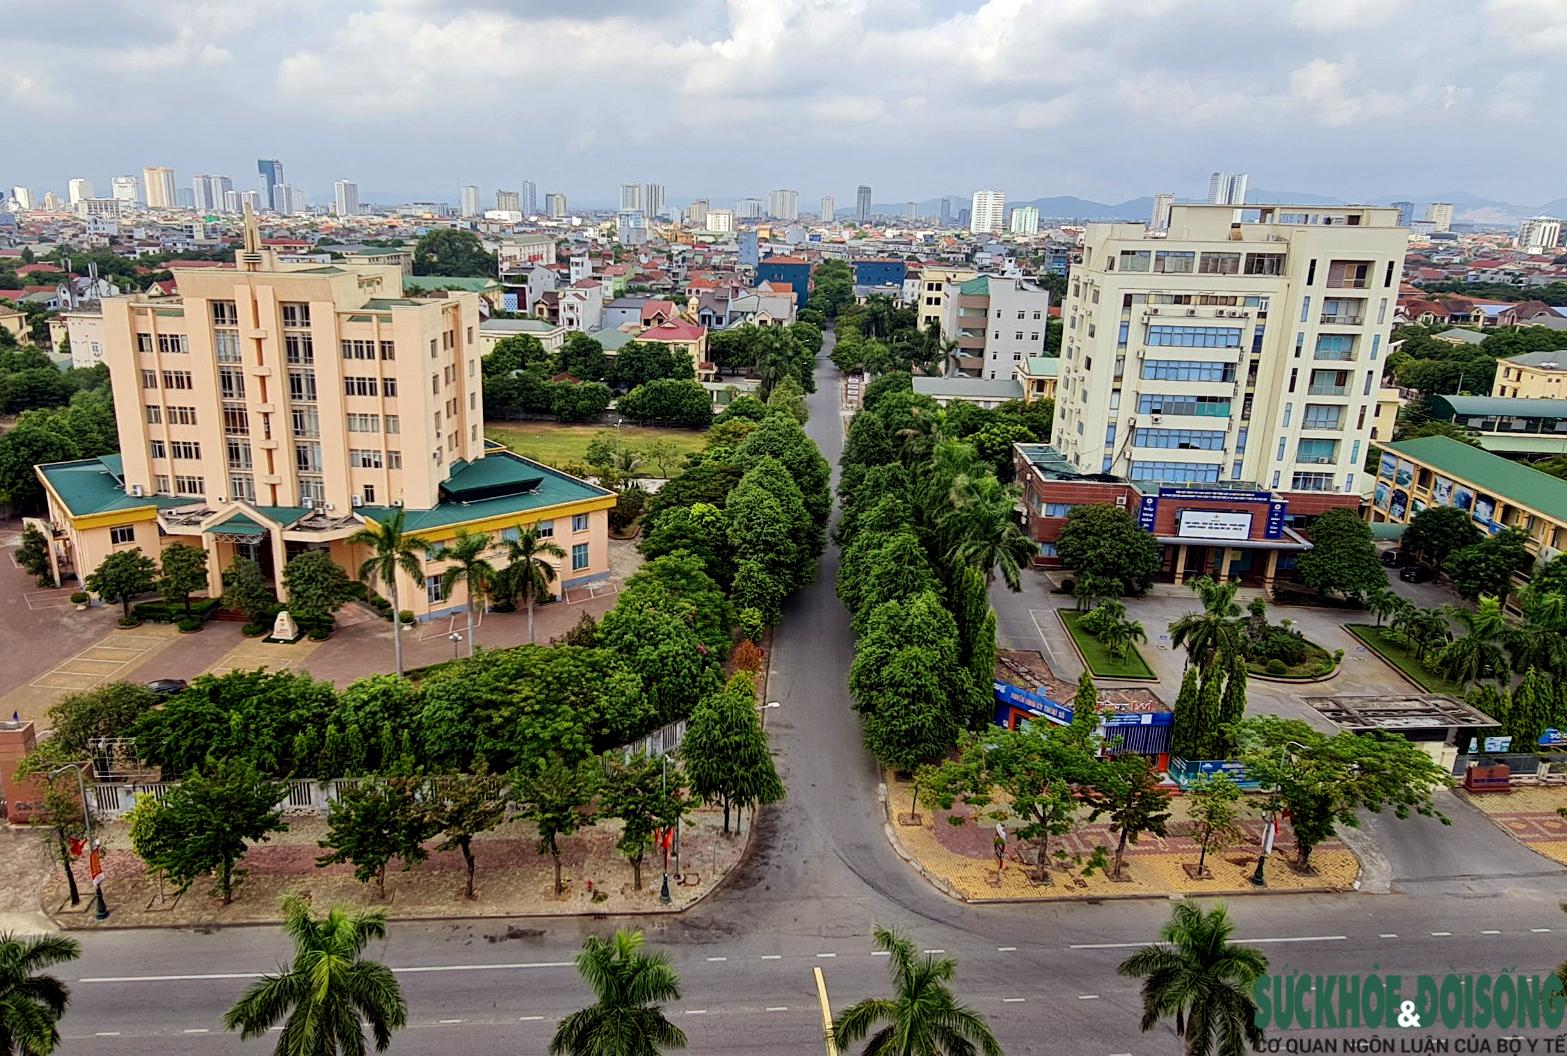 TP Vinh, Nghệ An chuyển sang thực hiện Chỉ thị 19 từ 0h ngày 24/9 - Ảnh 2.